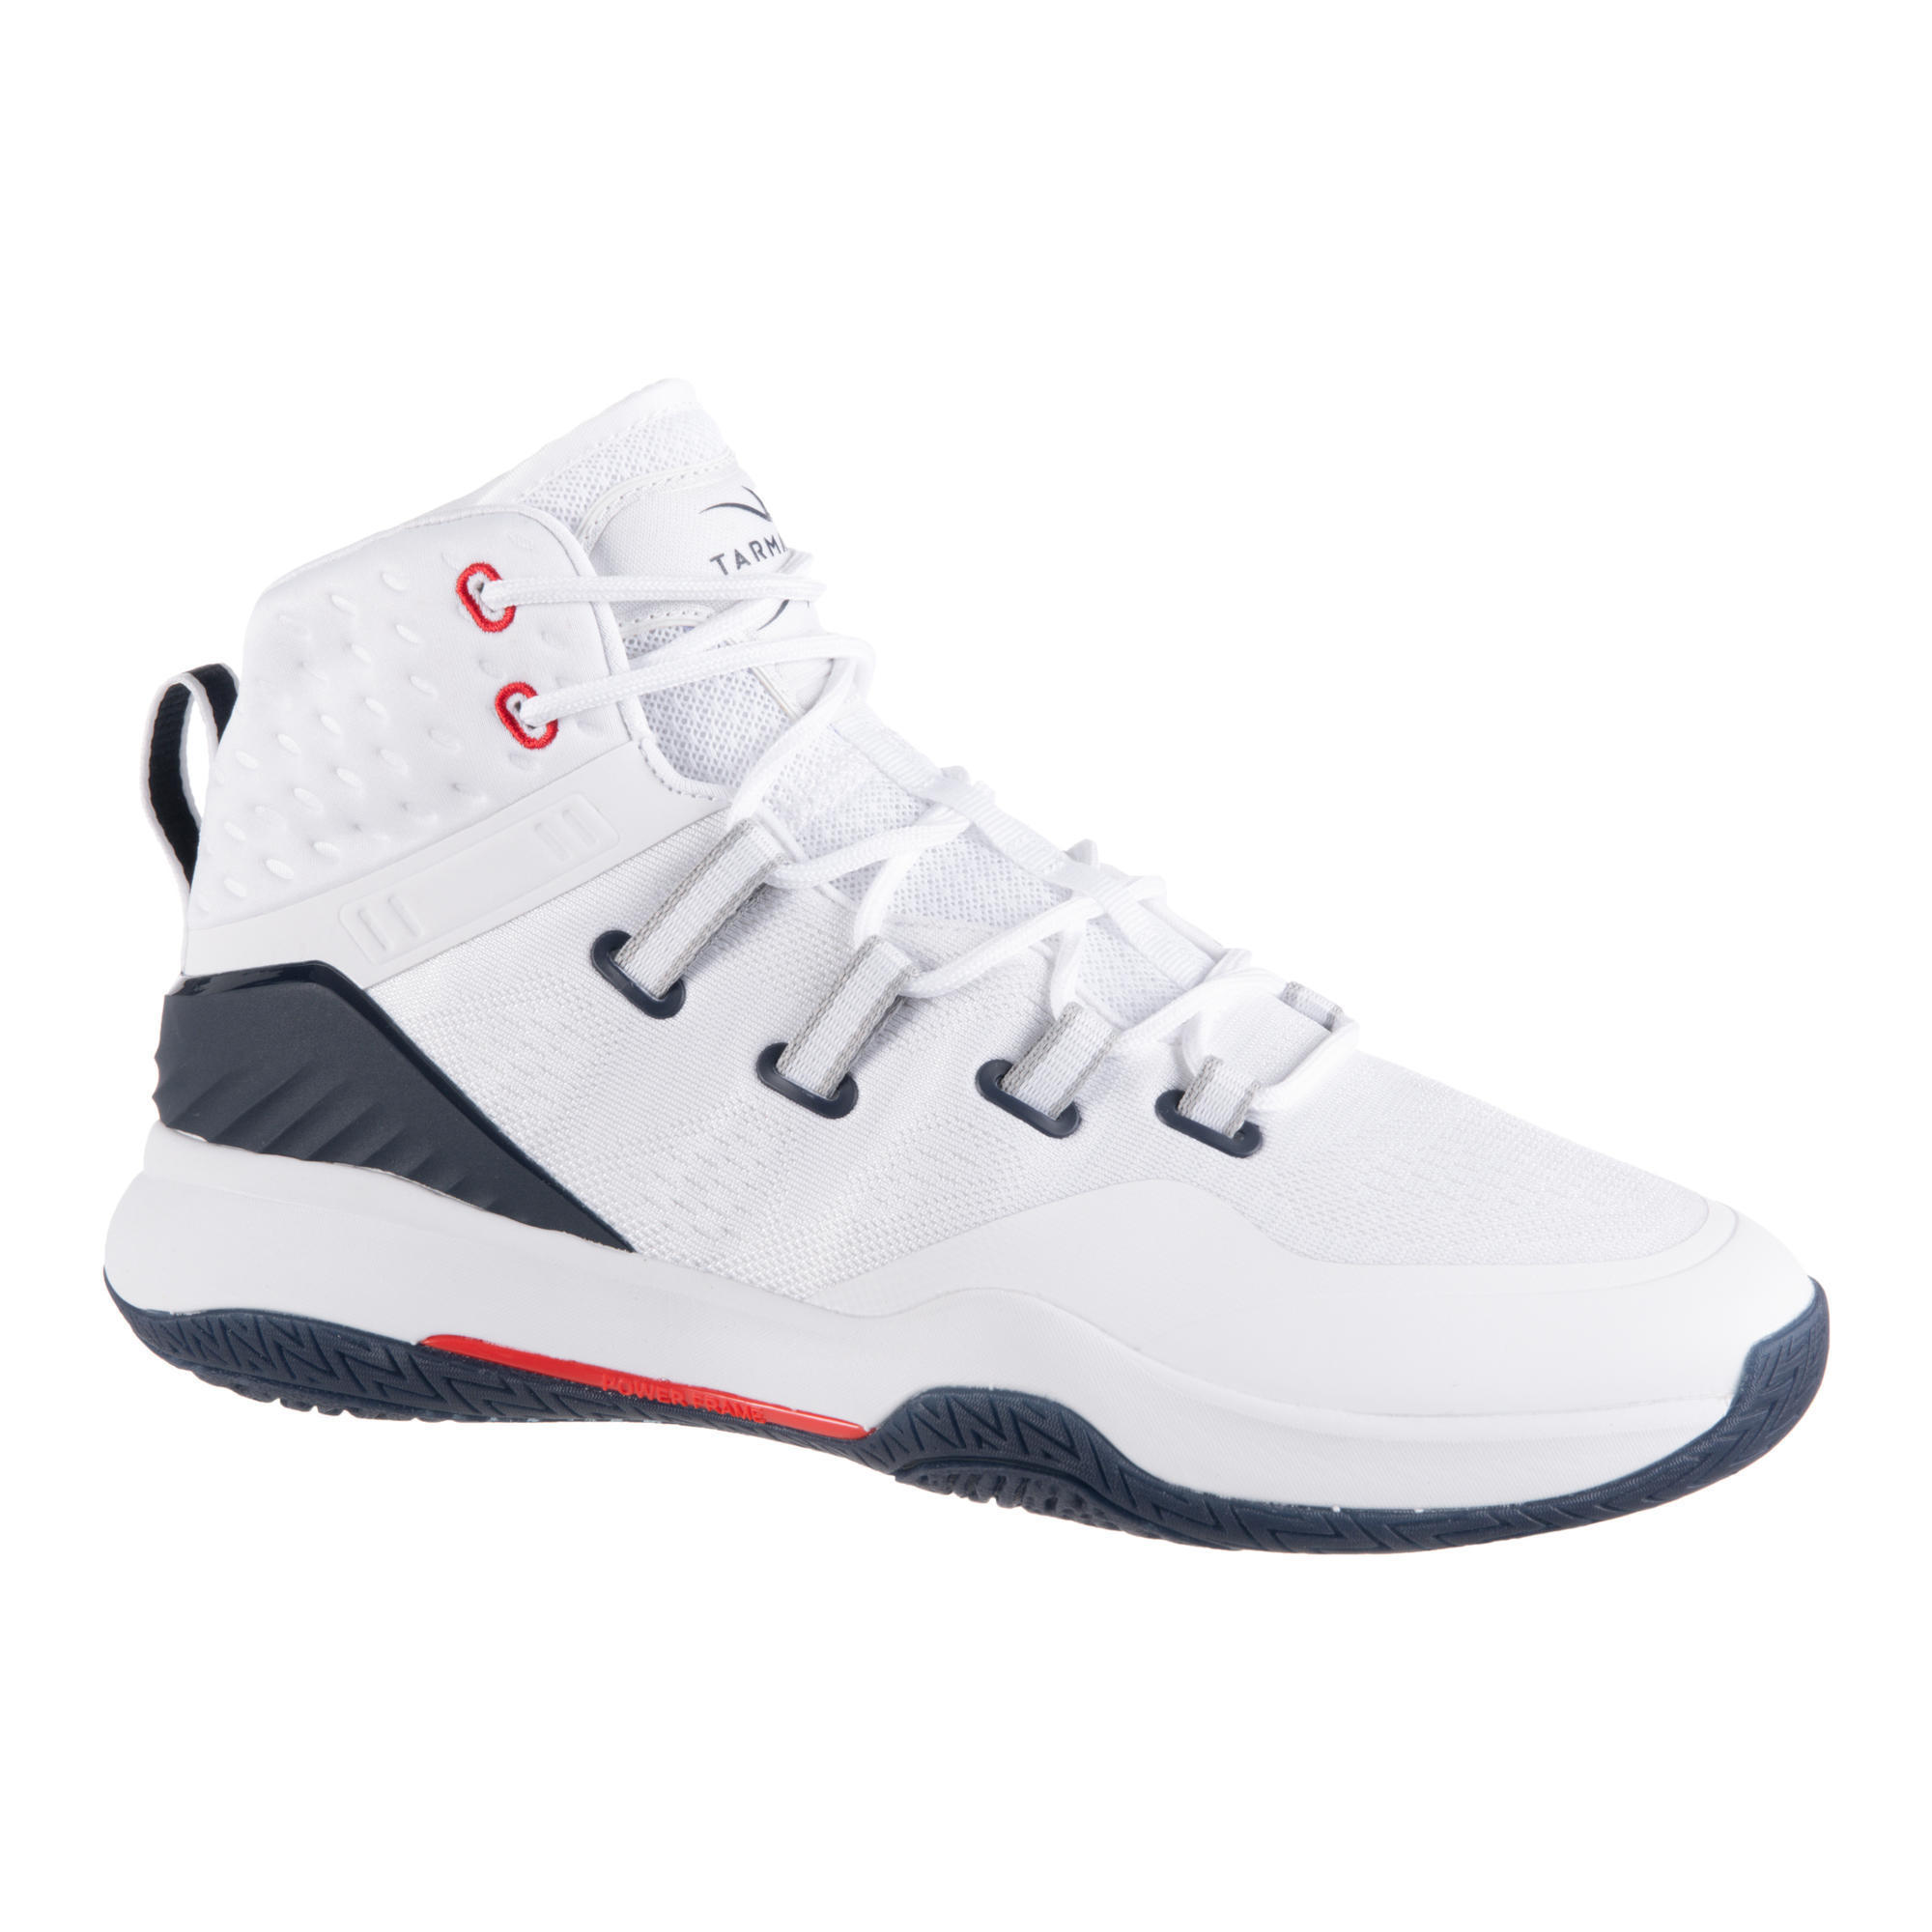 Basketballschuhe SC500 High hoher Schaft Herren | Schuhe > Sportschuhe > Basketballschuhe | Tarmak